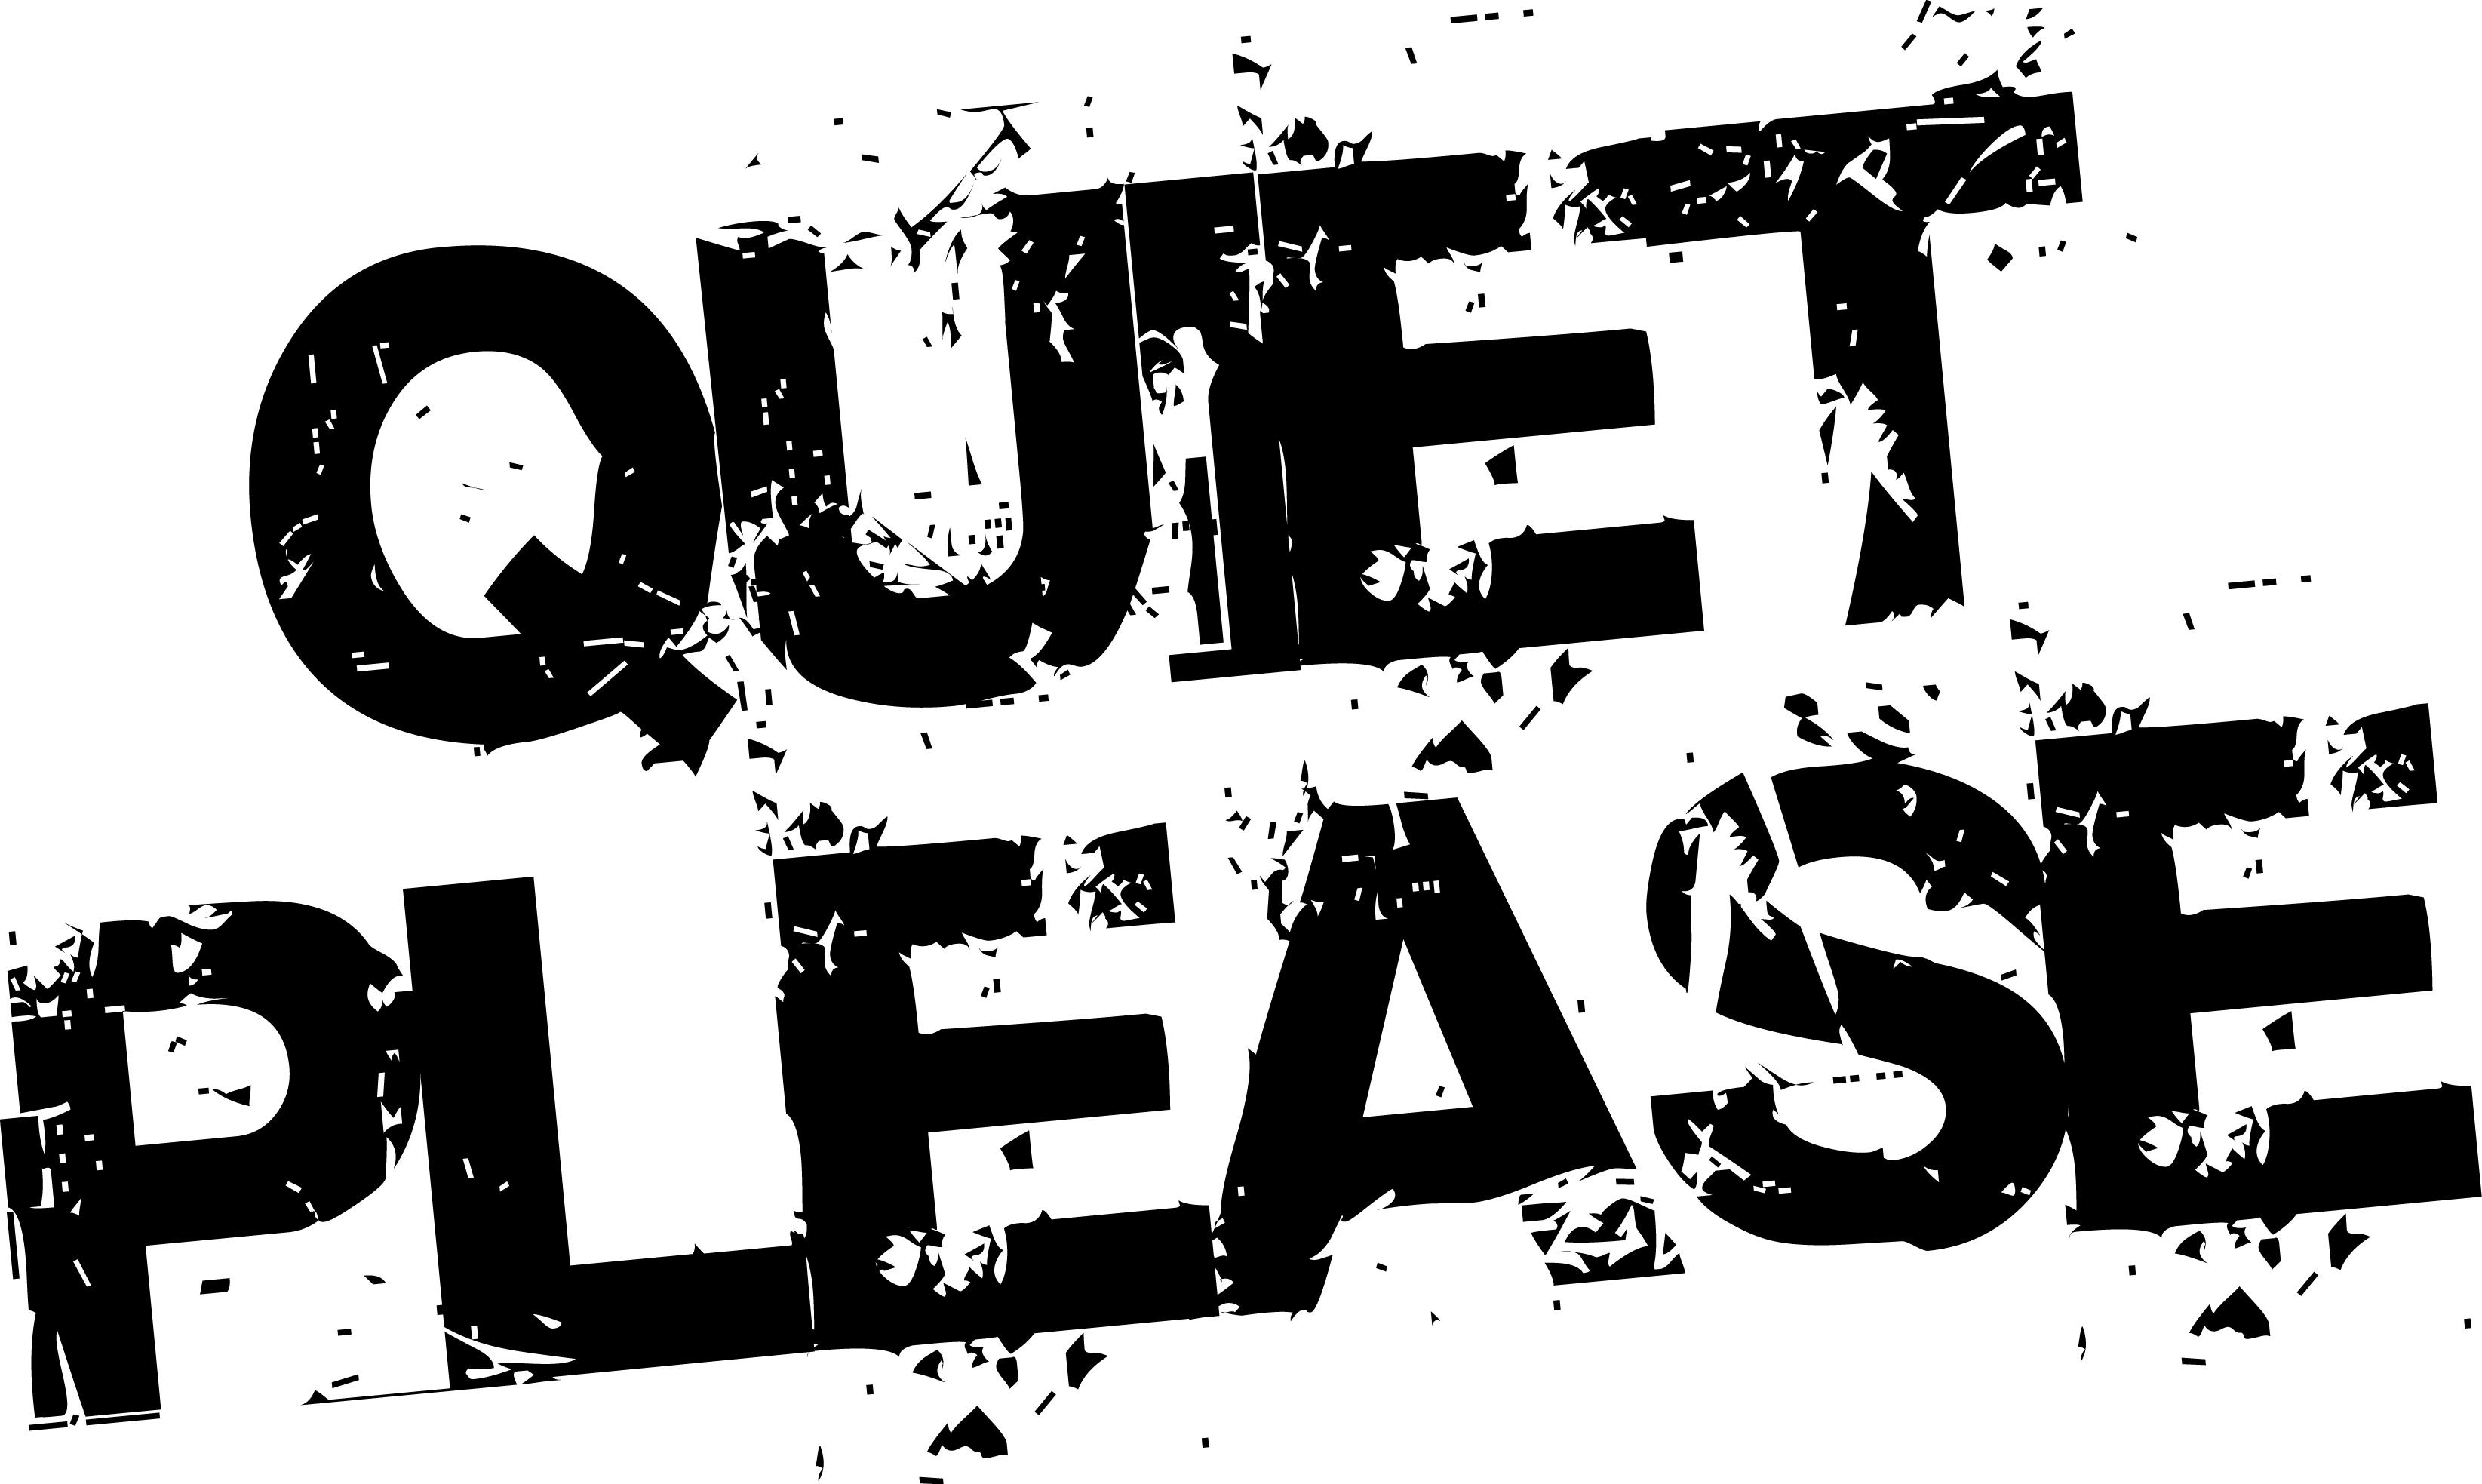 Noise clipart quiet please Cliparts Cliparts Quiet Quiet Please